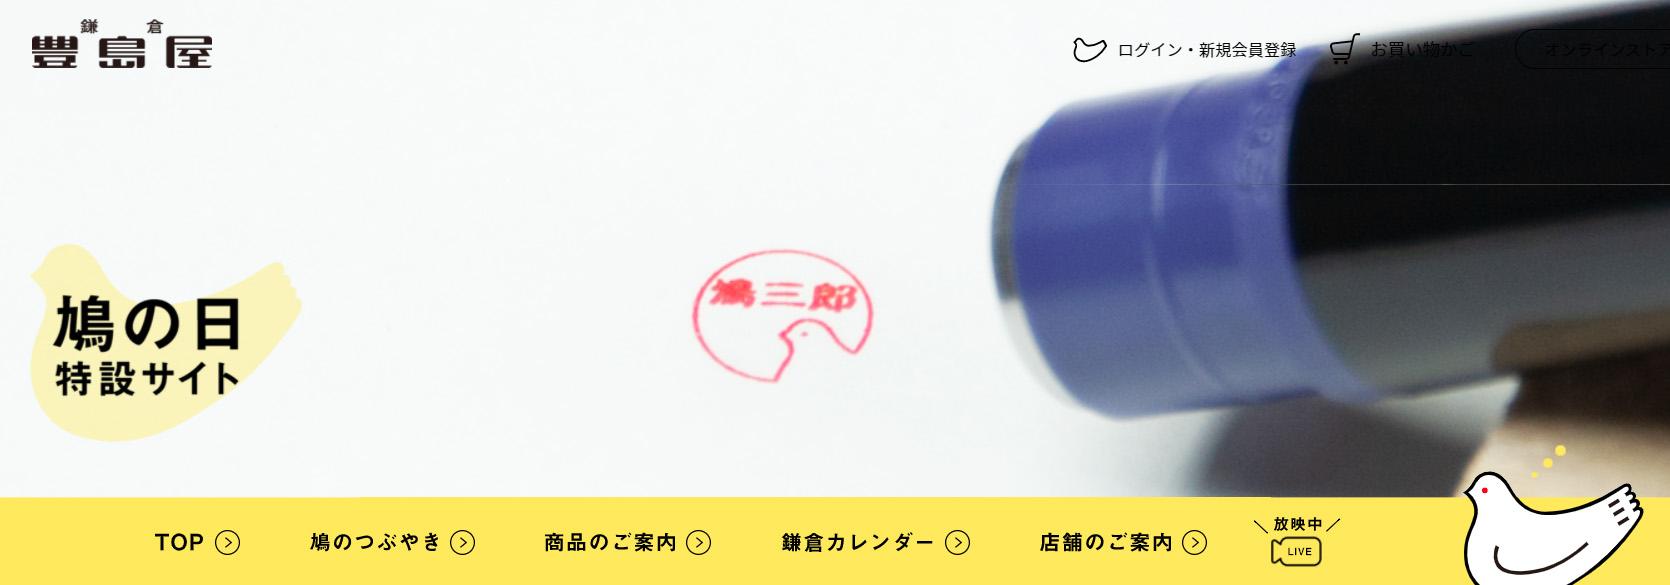 210810_hatonohi01.jpg